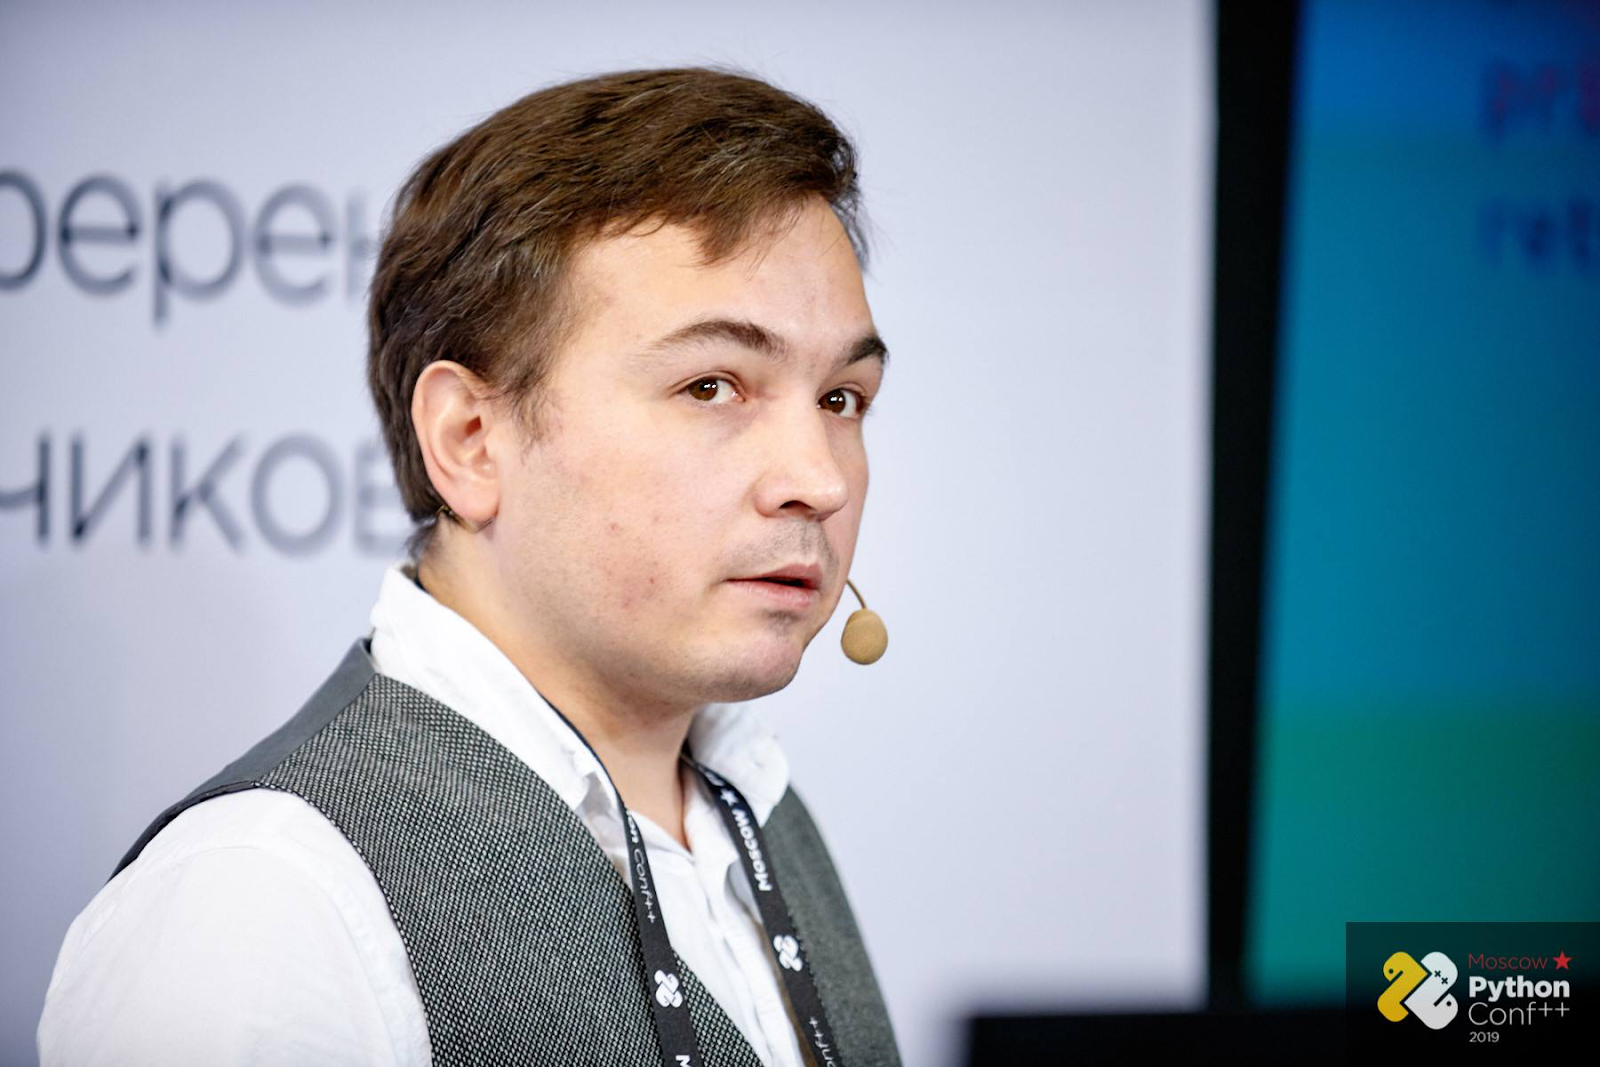 Изюминки прошедшей Moscow Python Conf++ 2019: трансформация в площадку для общения - 7